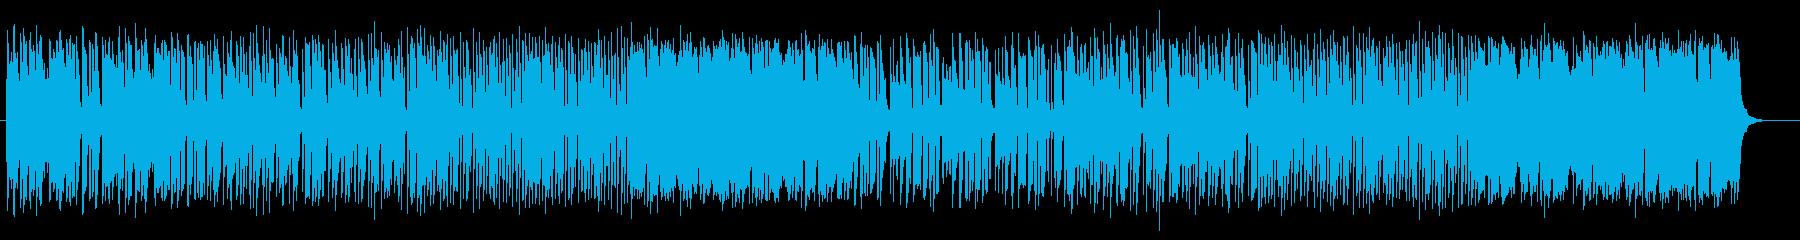 フルートの澄んだ華麗なメロディのポップスの再生済みの波形